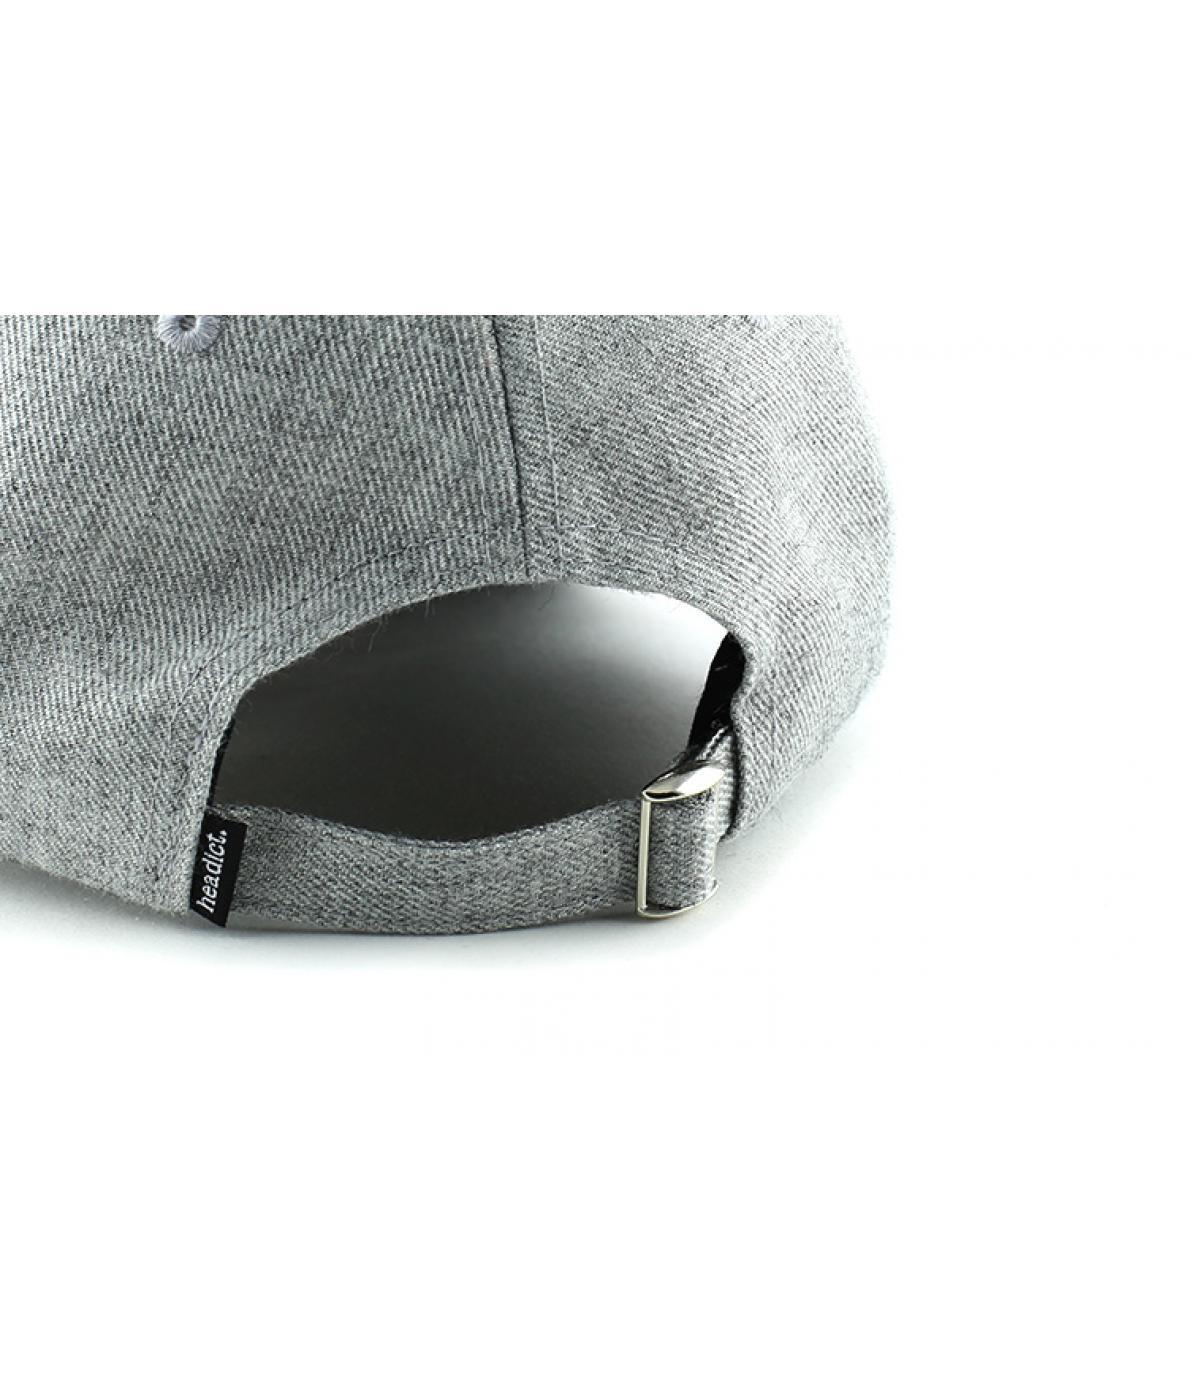 Détails Curve Chifoumi grey balck - image 5